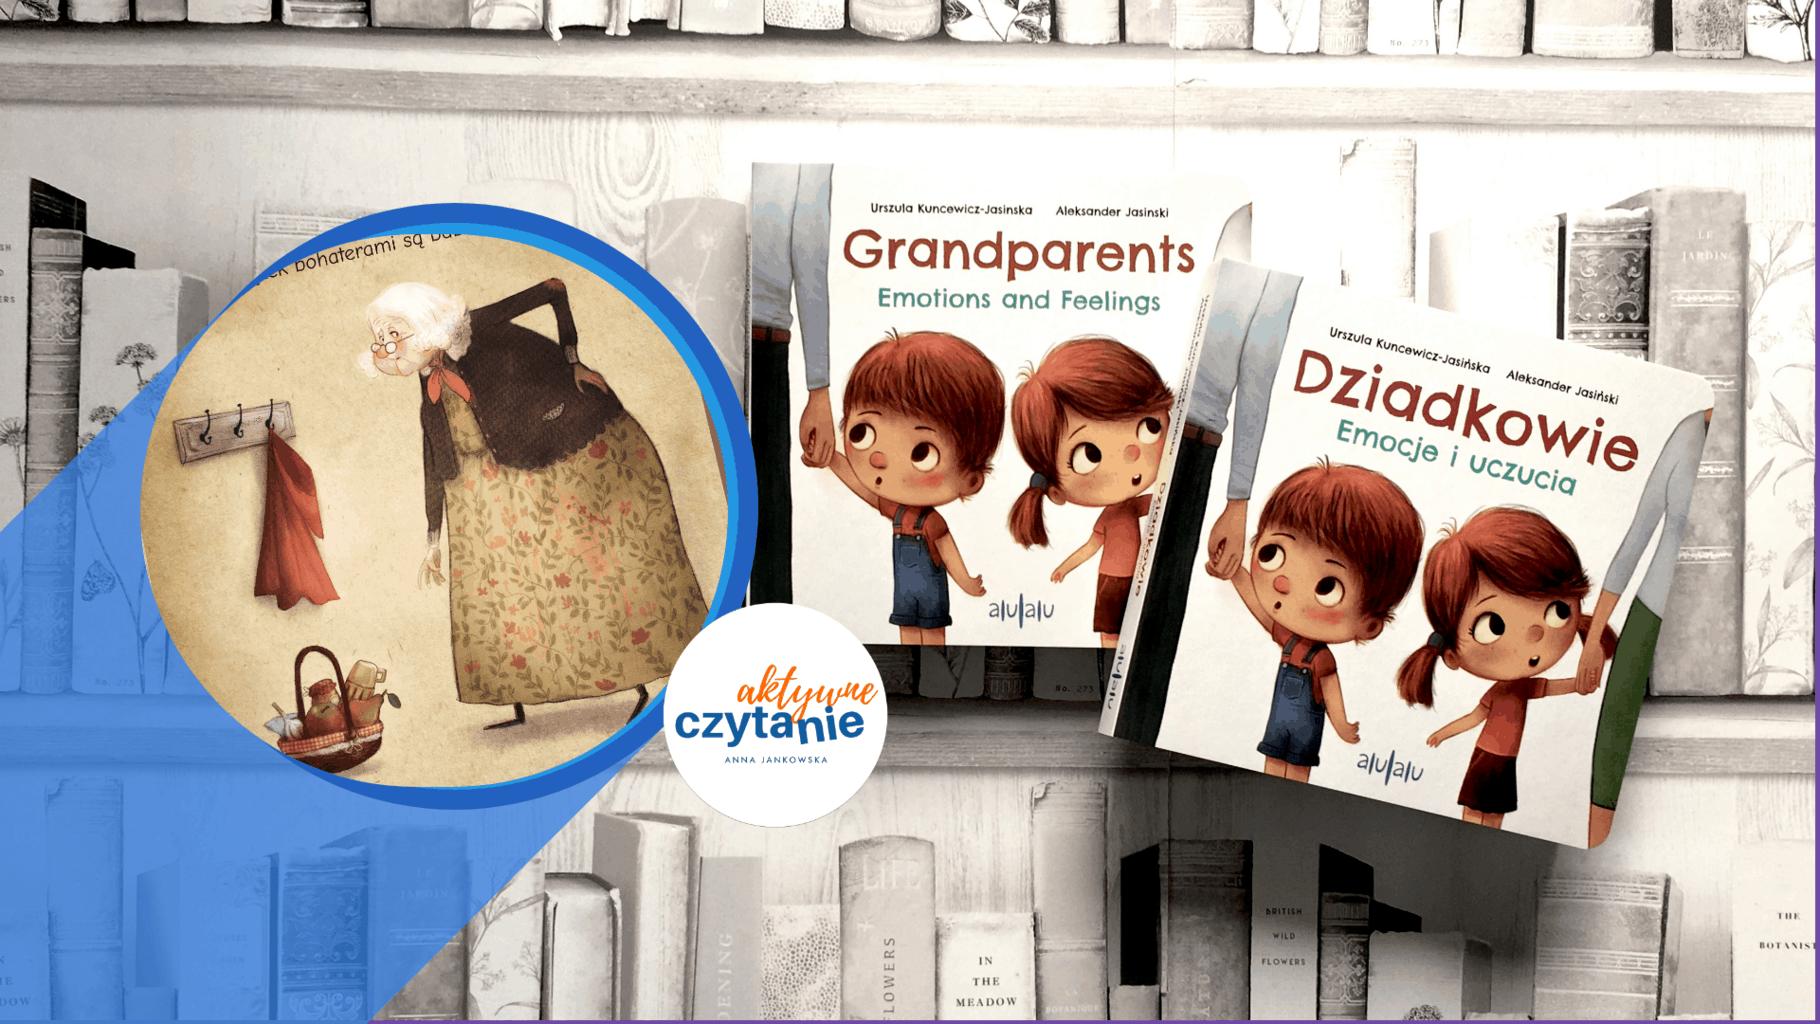 dziadkowie-emocje-i-uczucia-ksiazki-dla-dzieci